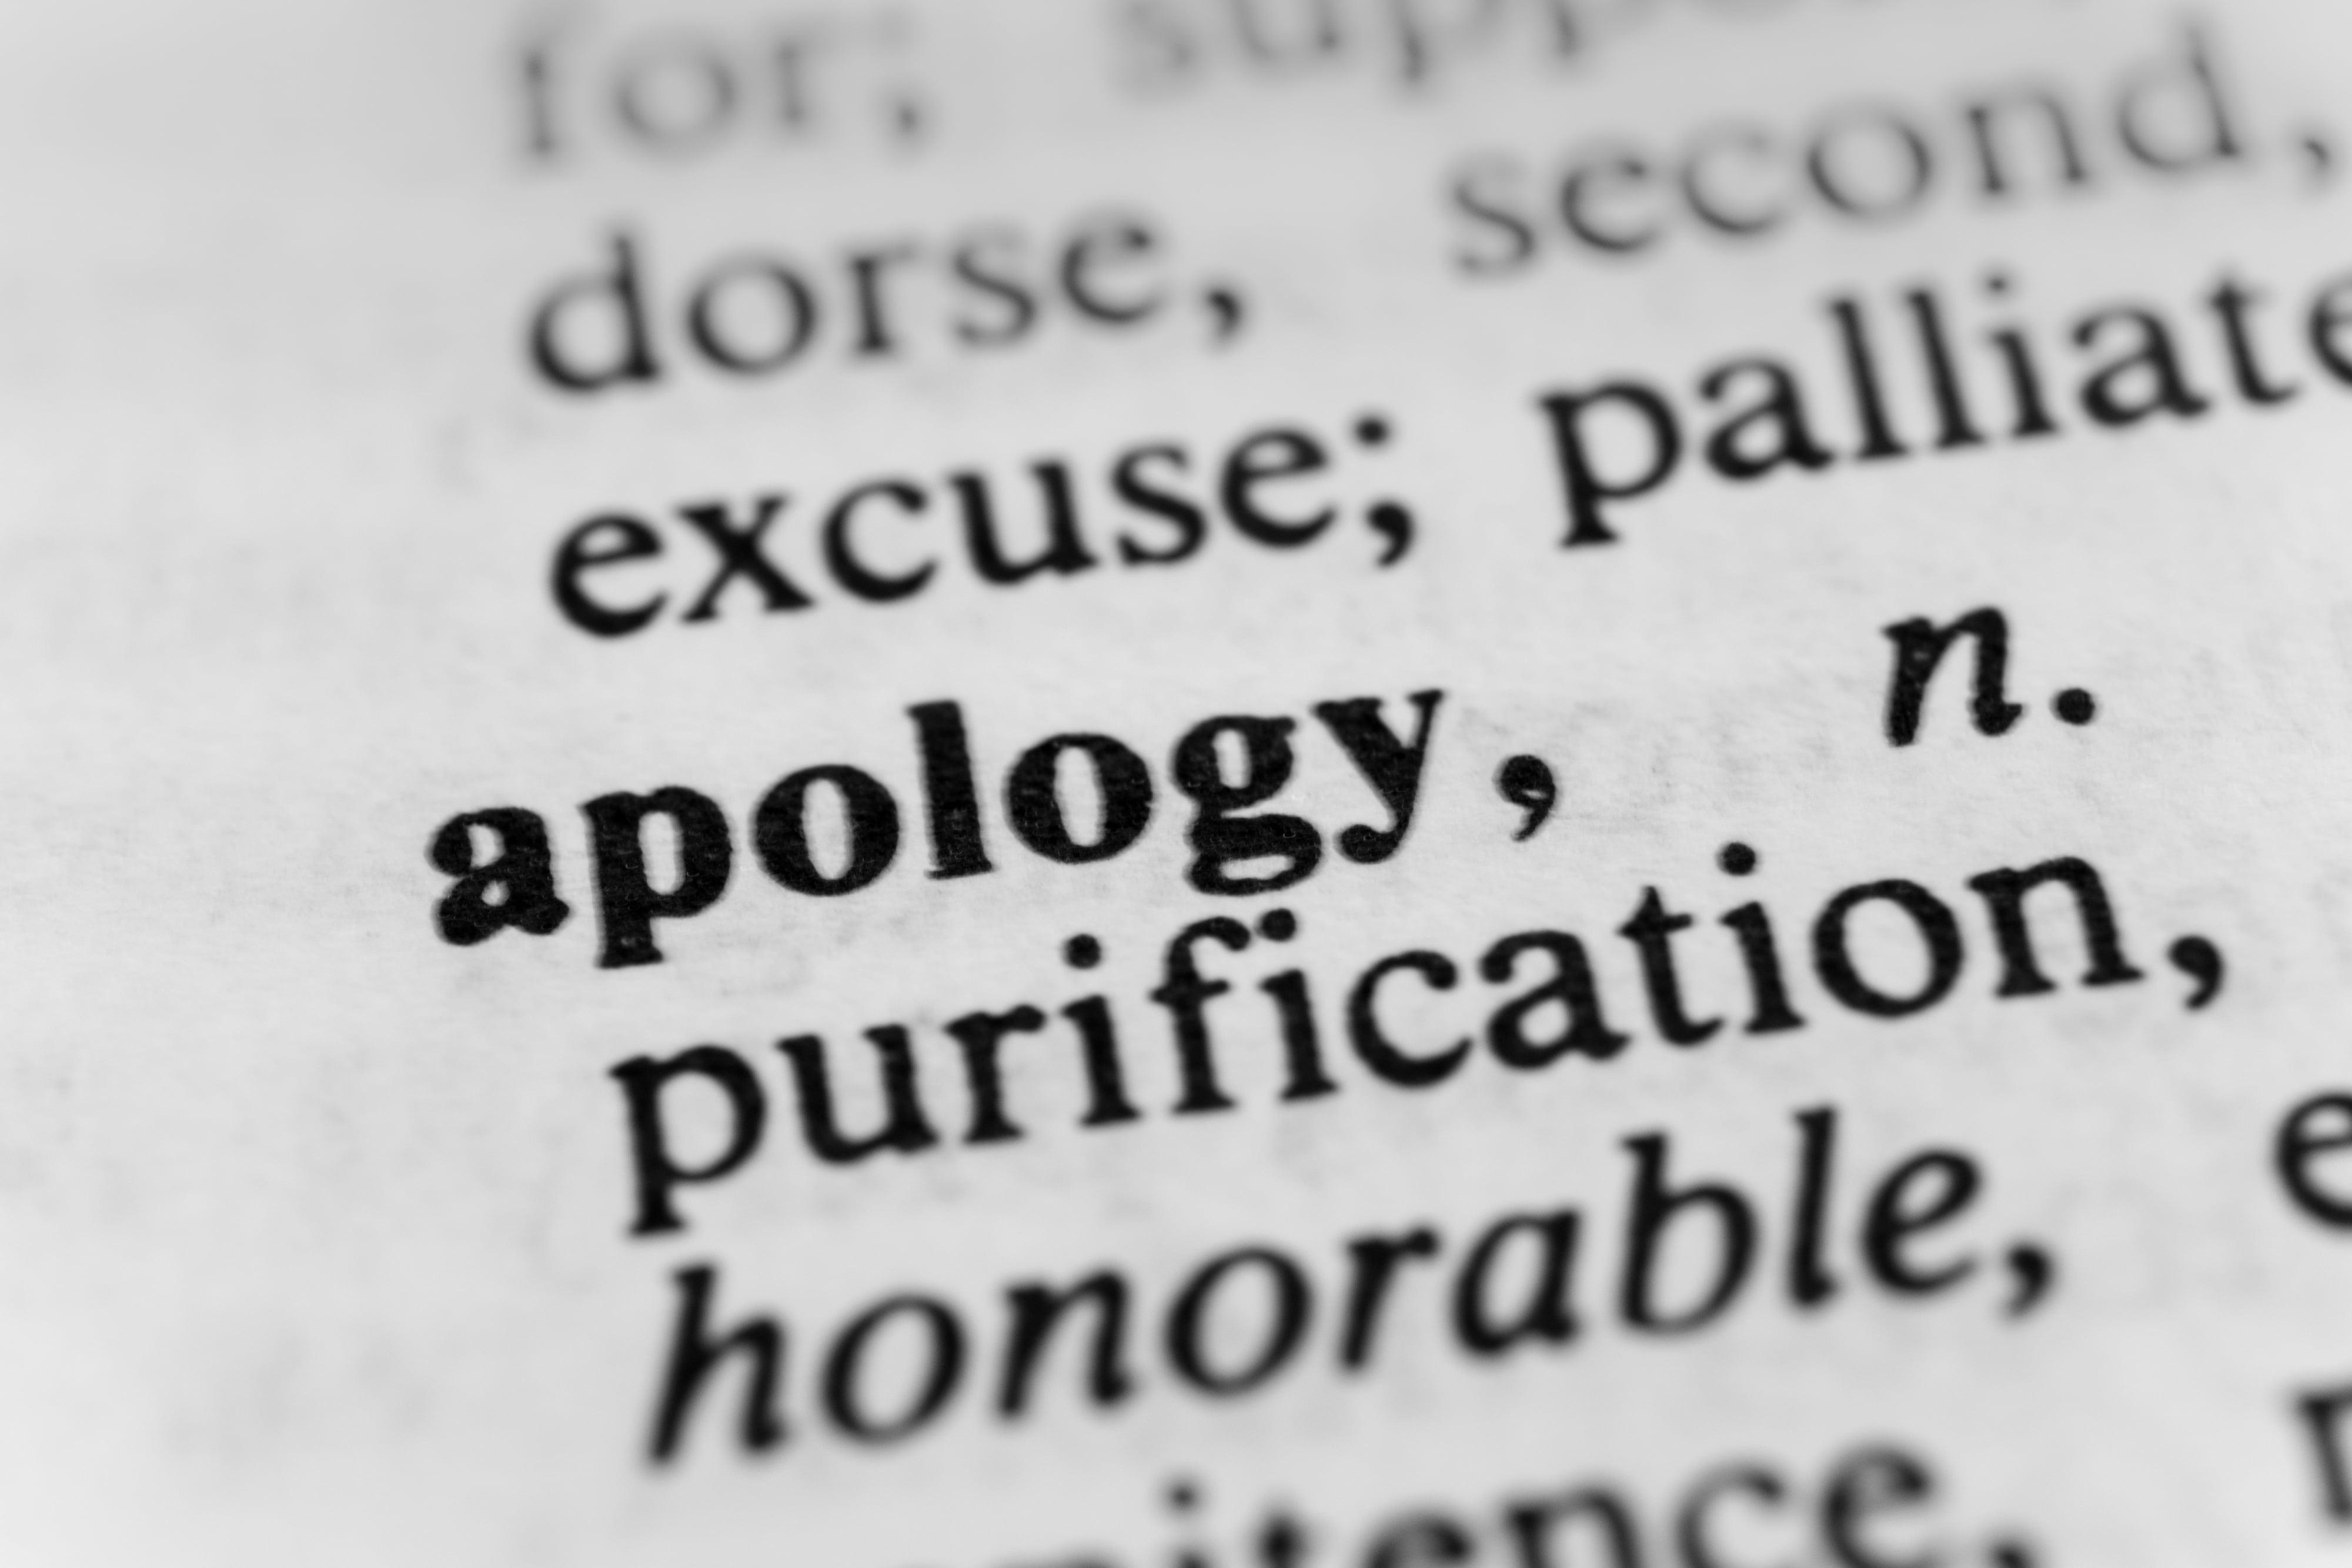 Apology-description